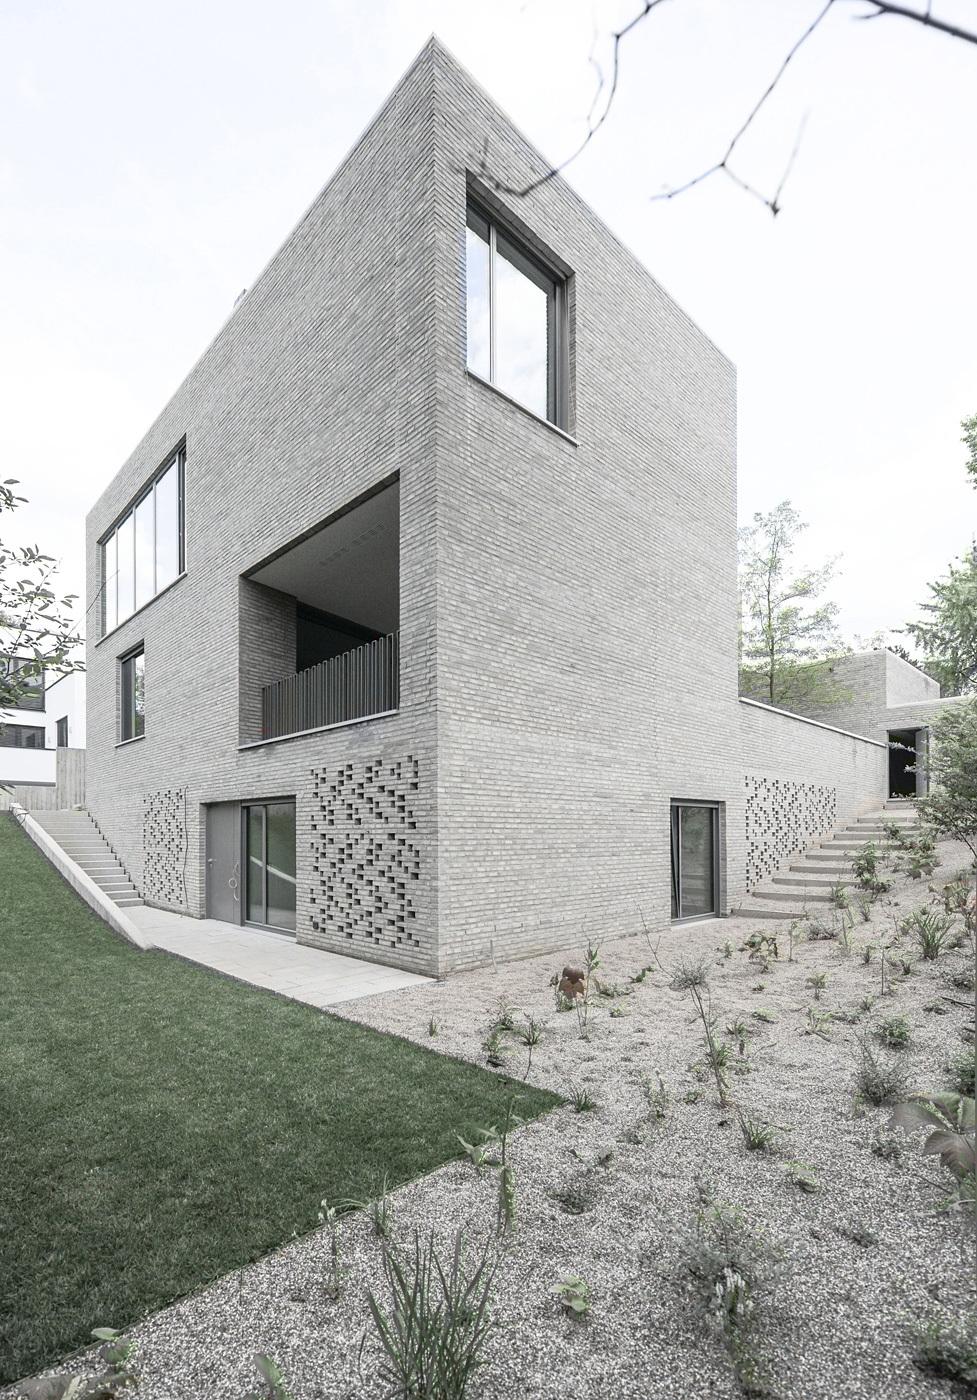 House Z in Frankfurt, Germany by Bayer und Strobel Architekten; Photo: Peter Strobel